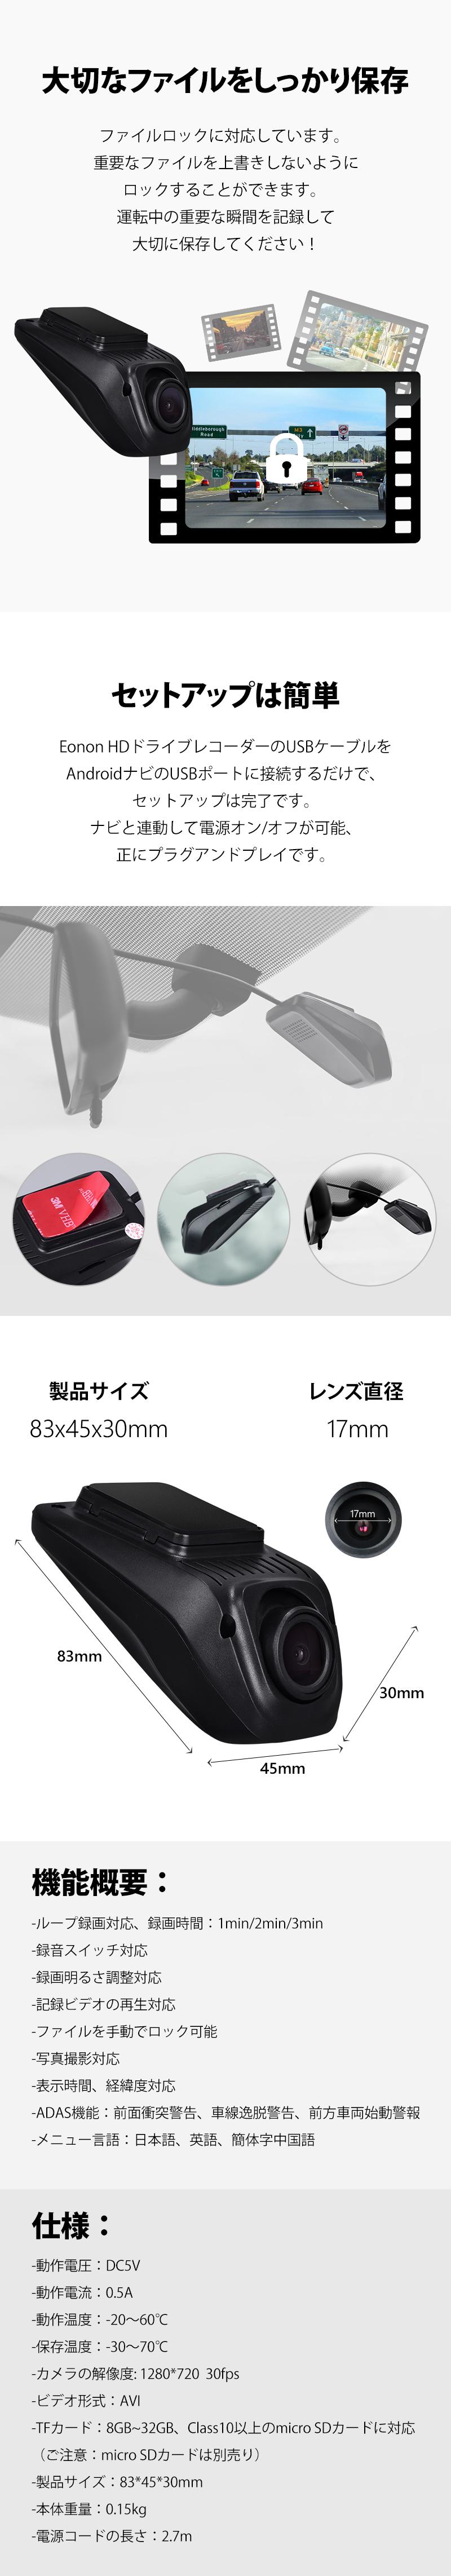 USBドライブレコーダー